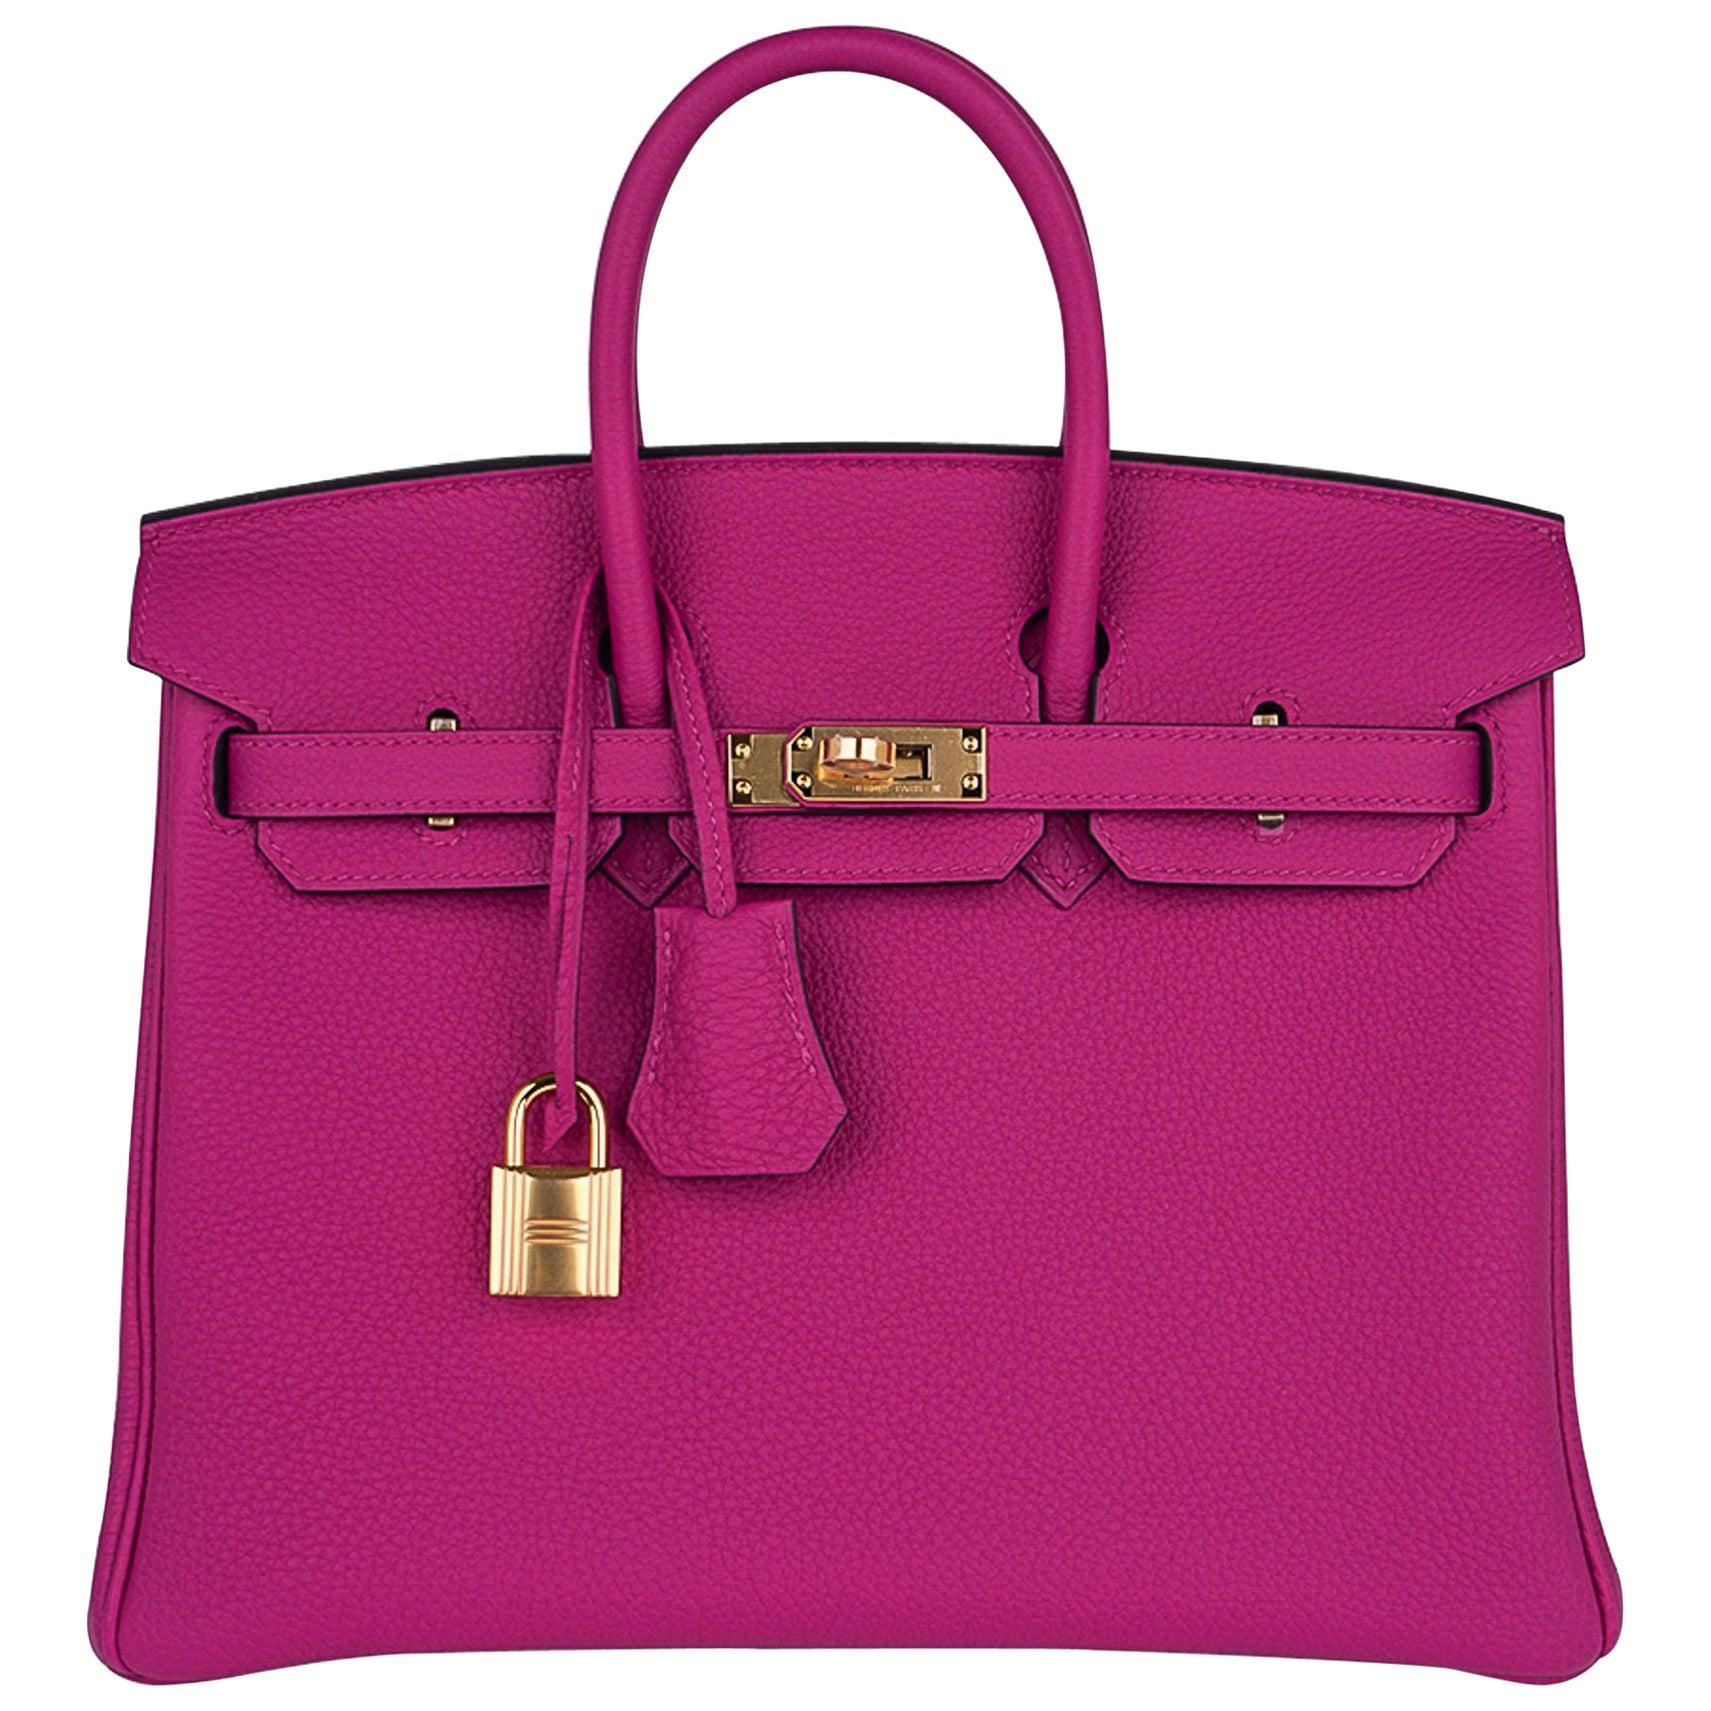 Hermes Birkin 25 Bag Rose Pourpre Togo Leather Gold Hardware